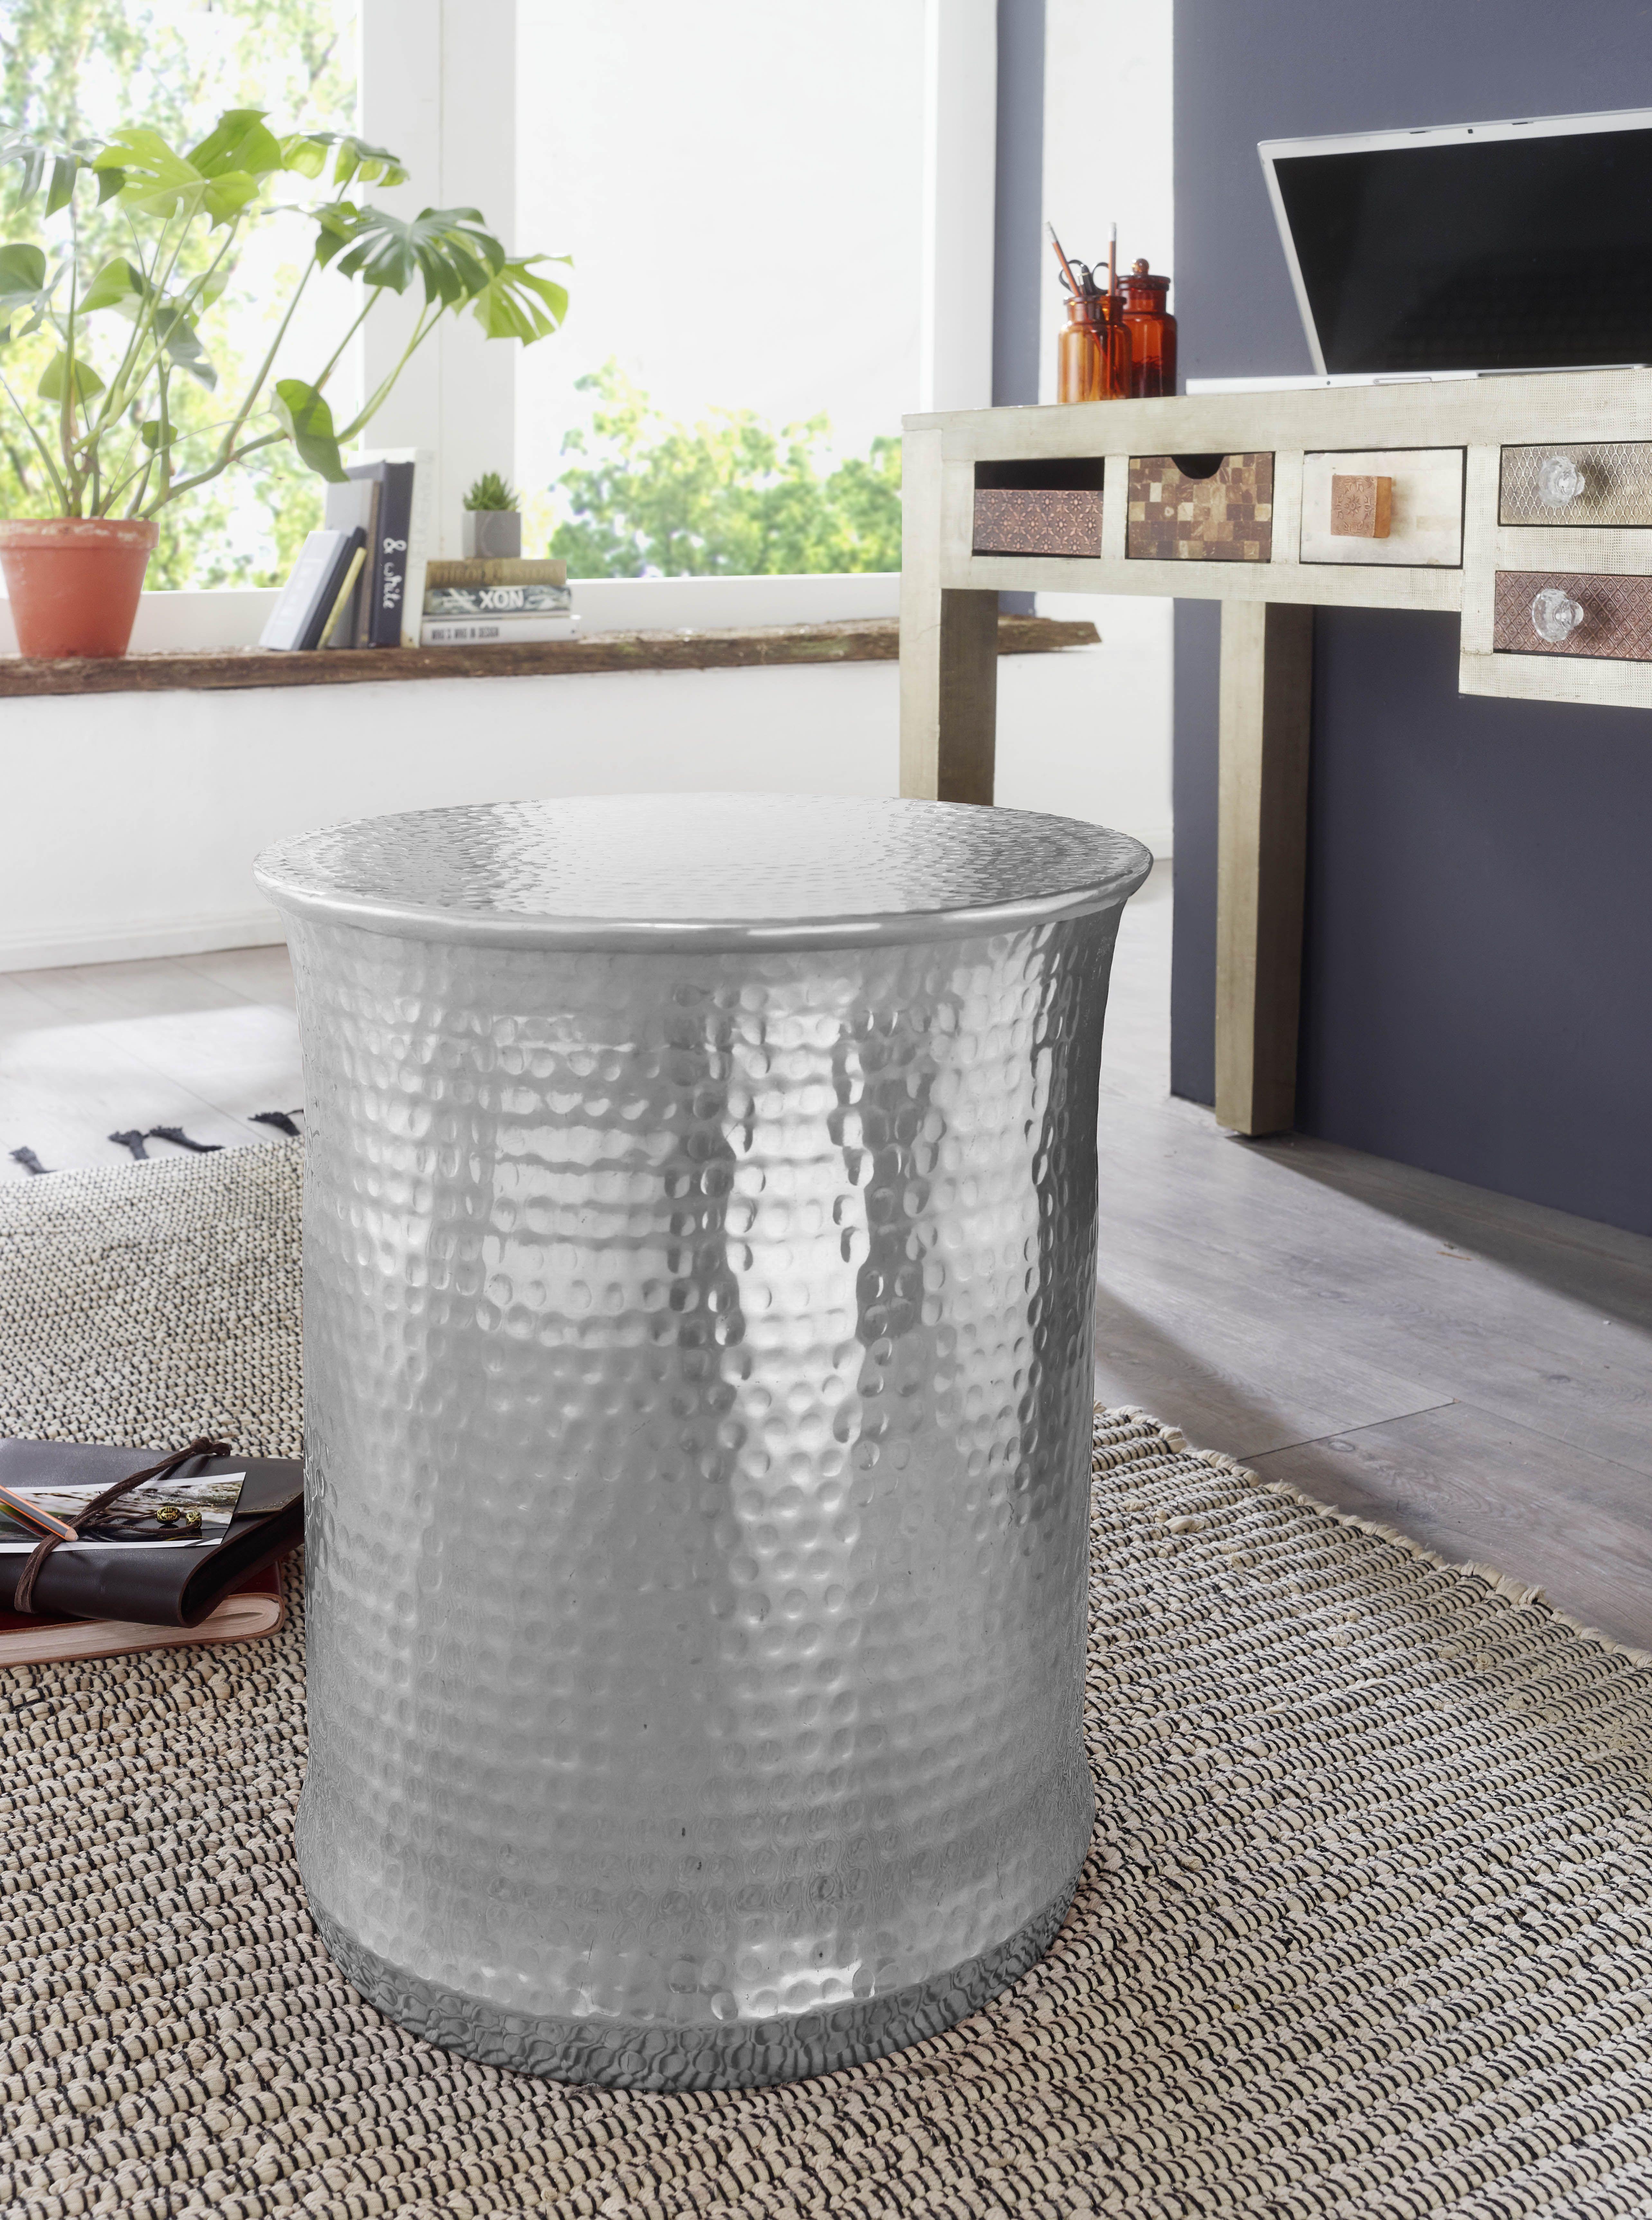 Wohnling Beistelltisch Turan Silber Wl5 487 Aus Aluminium Silber Metall Wohnidee Dekoration Ablage Wohnen Rund Wohnzimmeruhren Sofa Tisch Beistelltisch